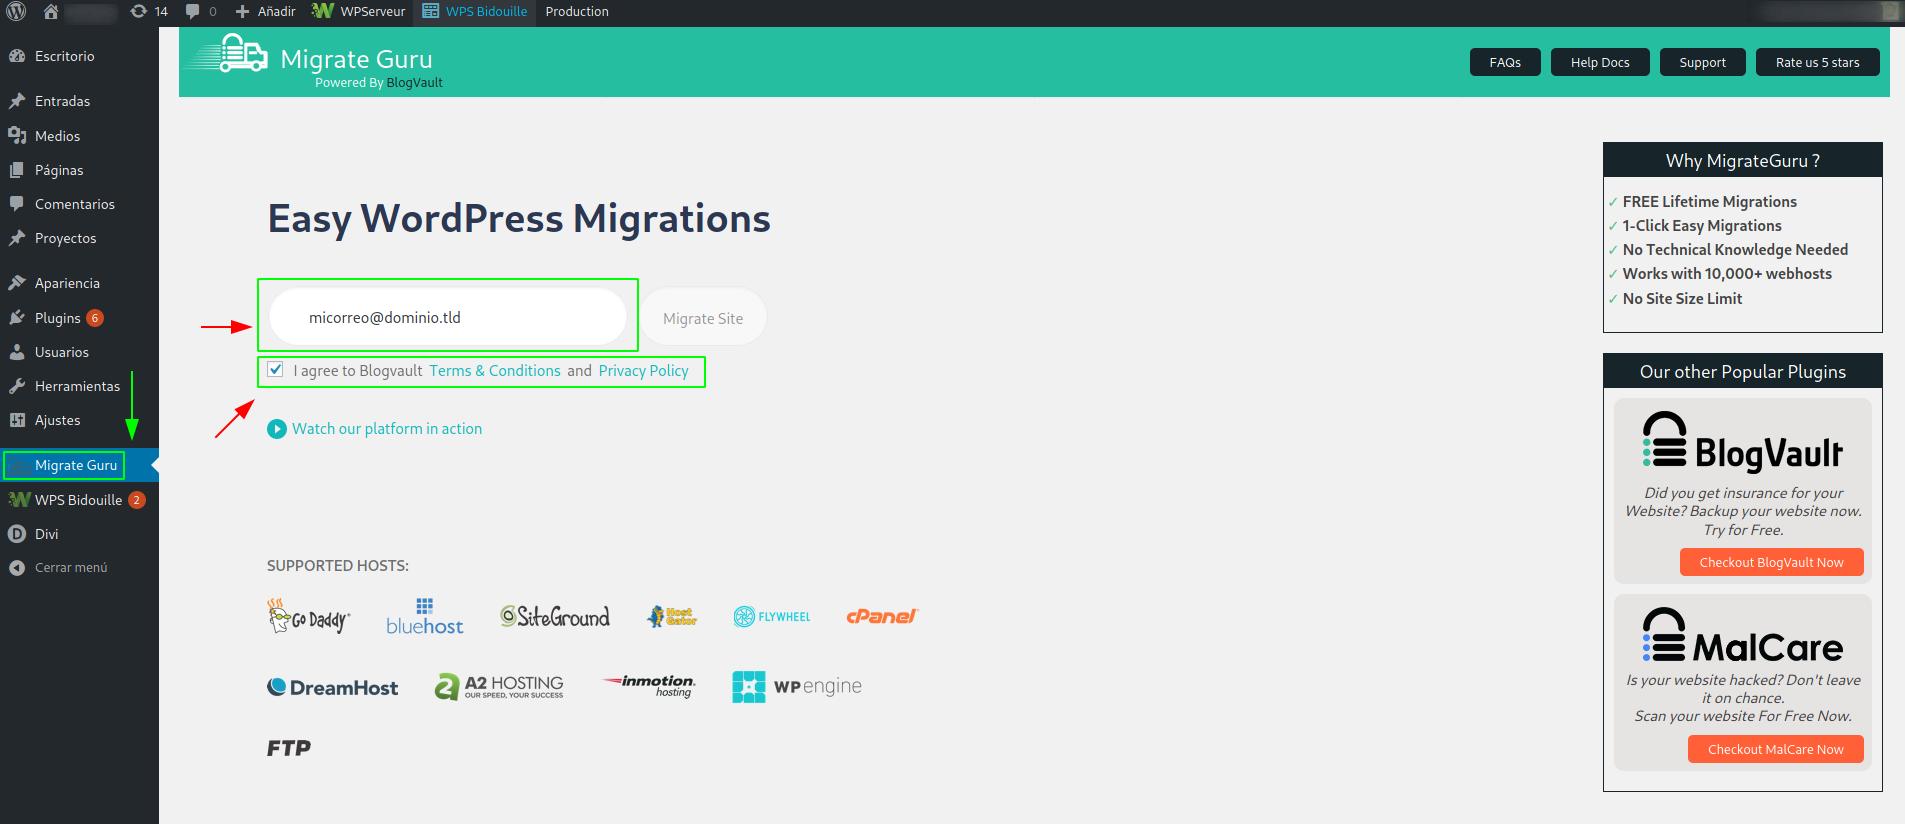 Configurar email y aceptar los Términos y Condiciones en Migrate Guru